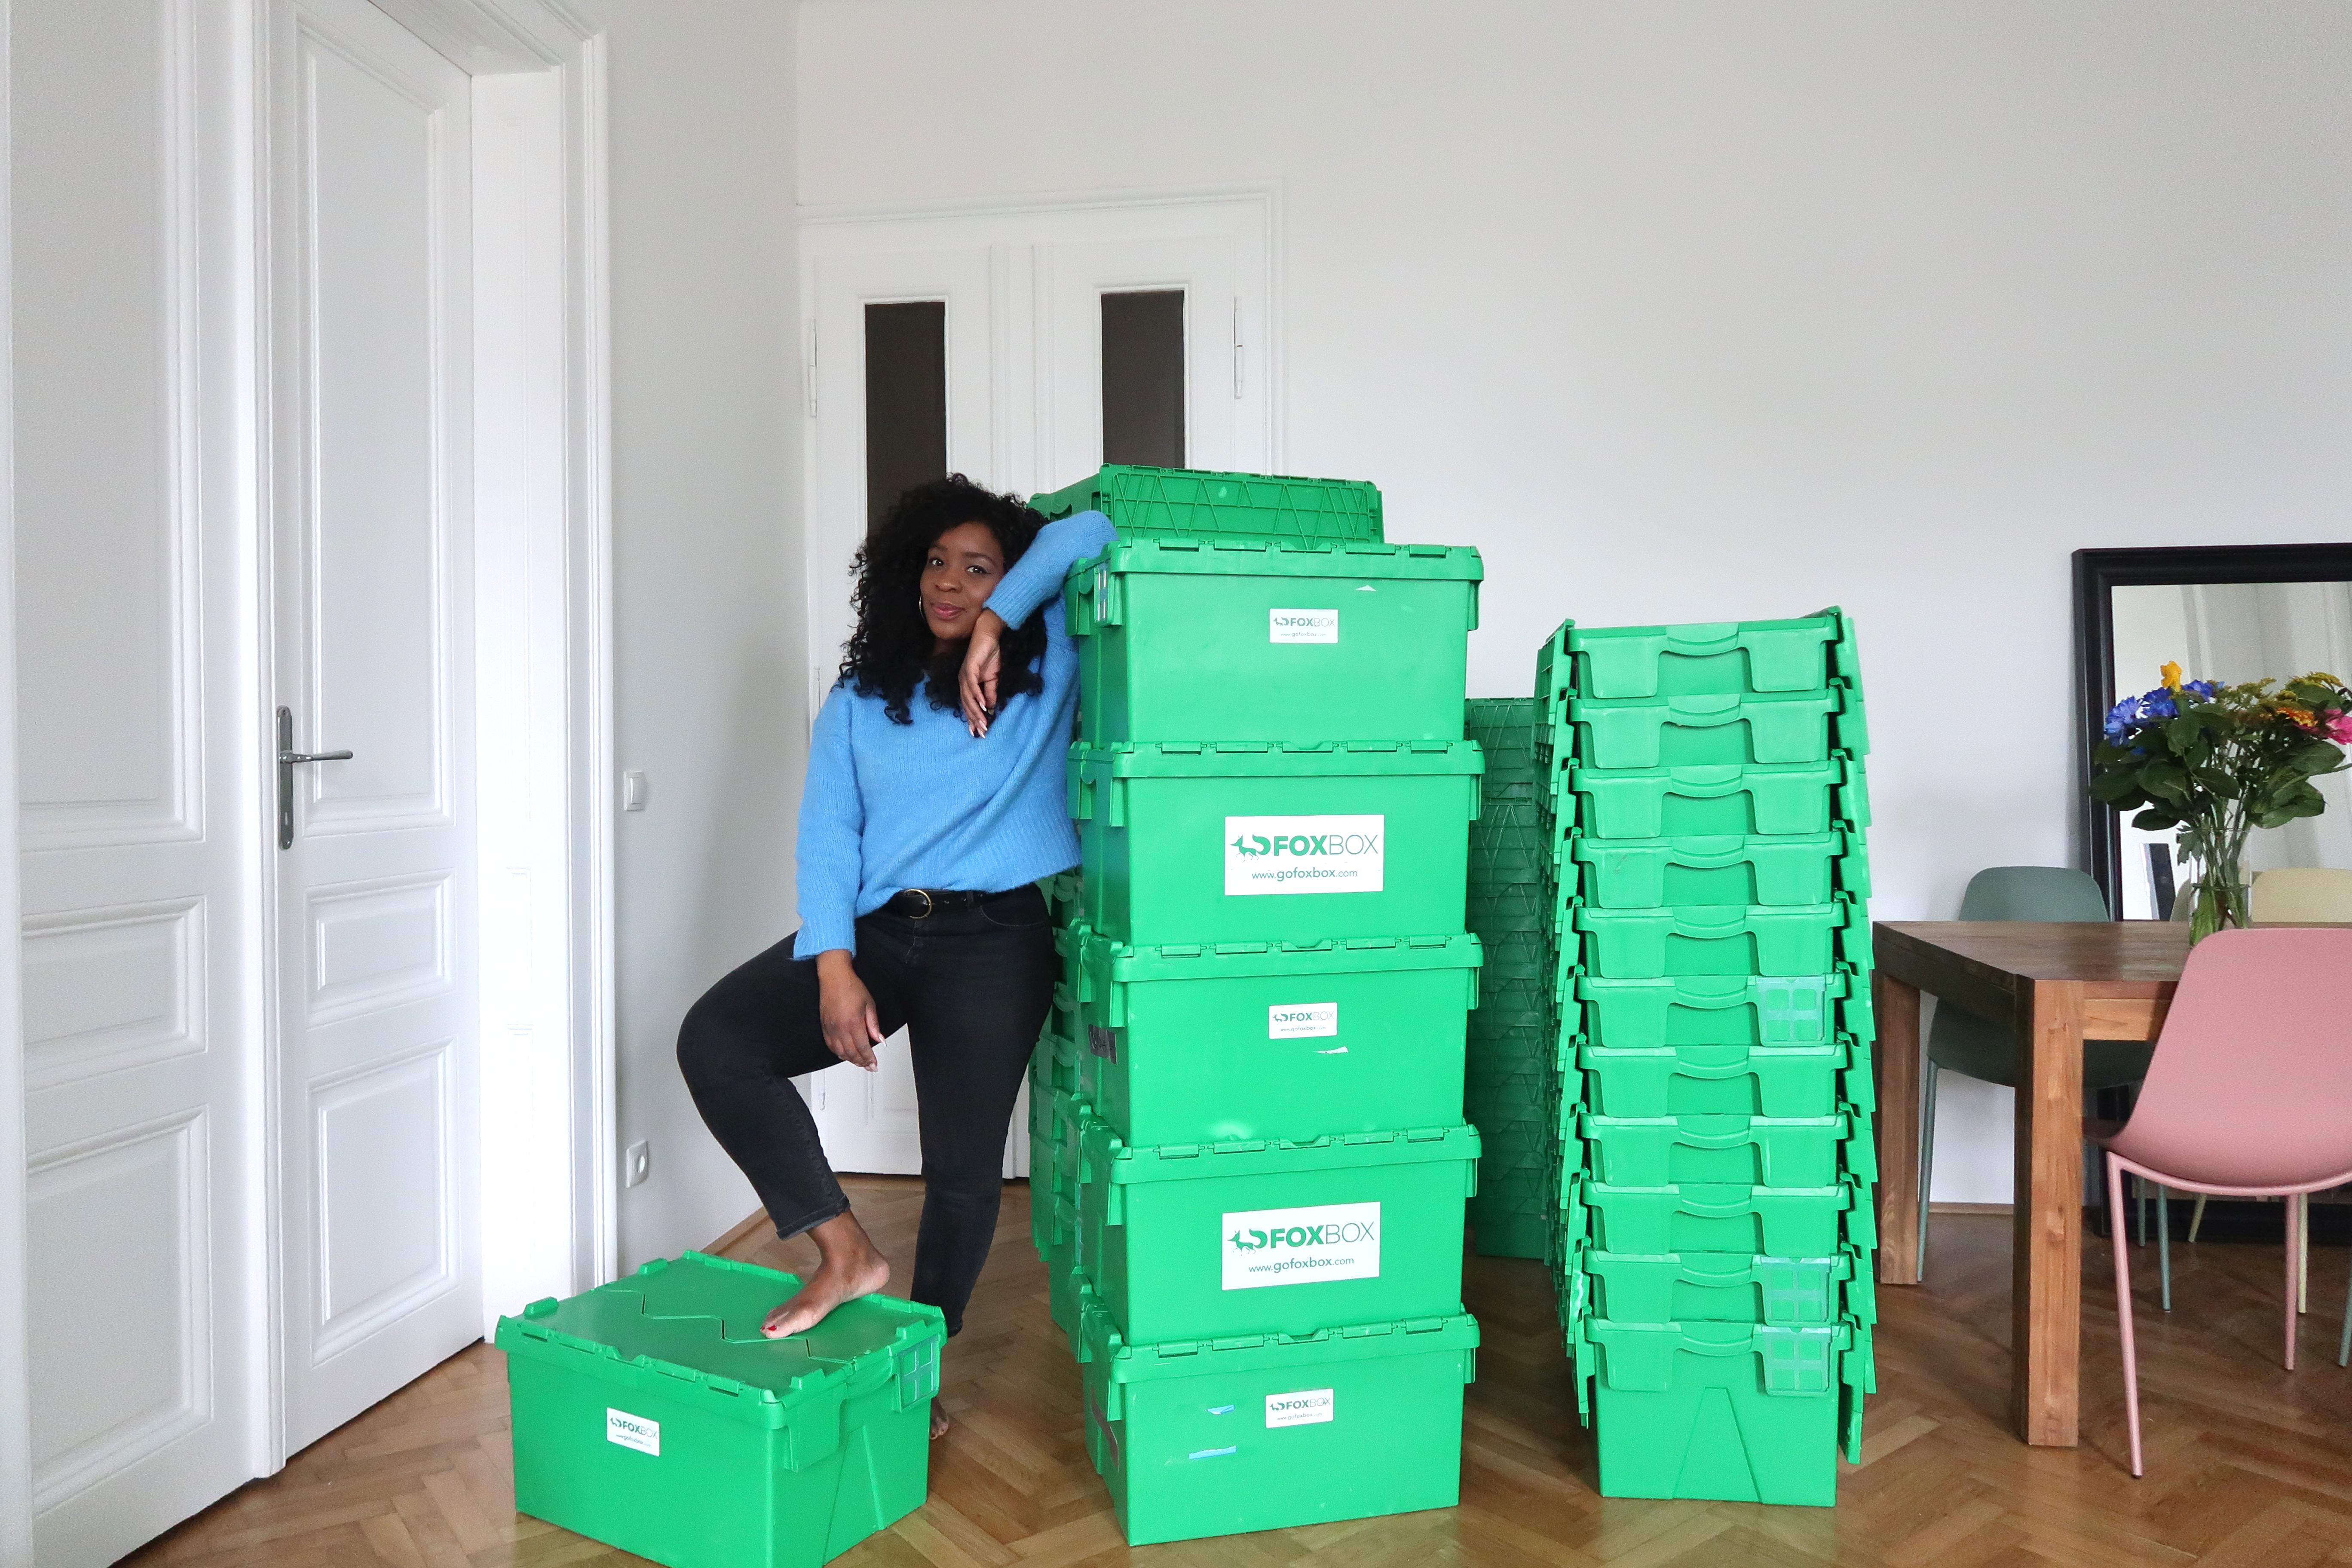 die umzugs liste die ihr braucht um nicht den verstand zu verlieren christlclear christlclear. Black Bedroom Furniture Sets. Home Design Ideas